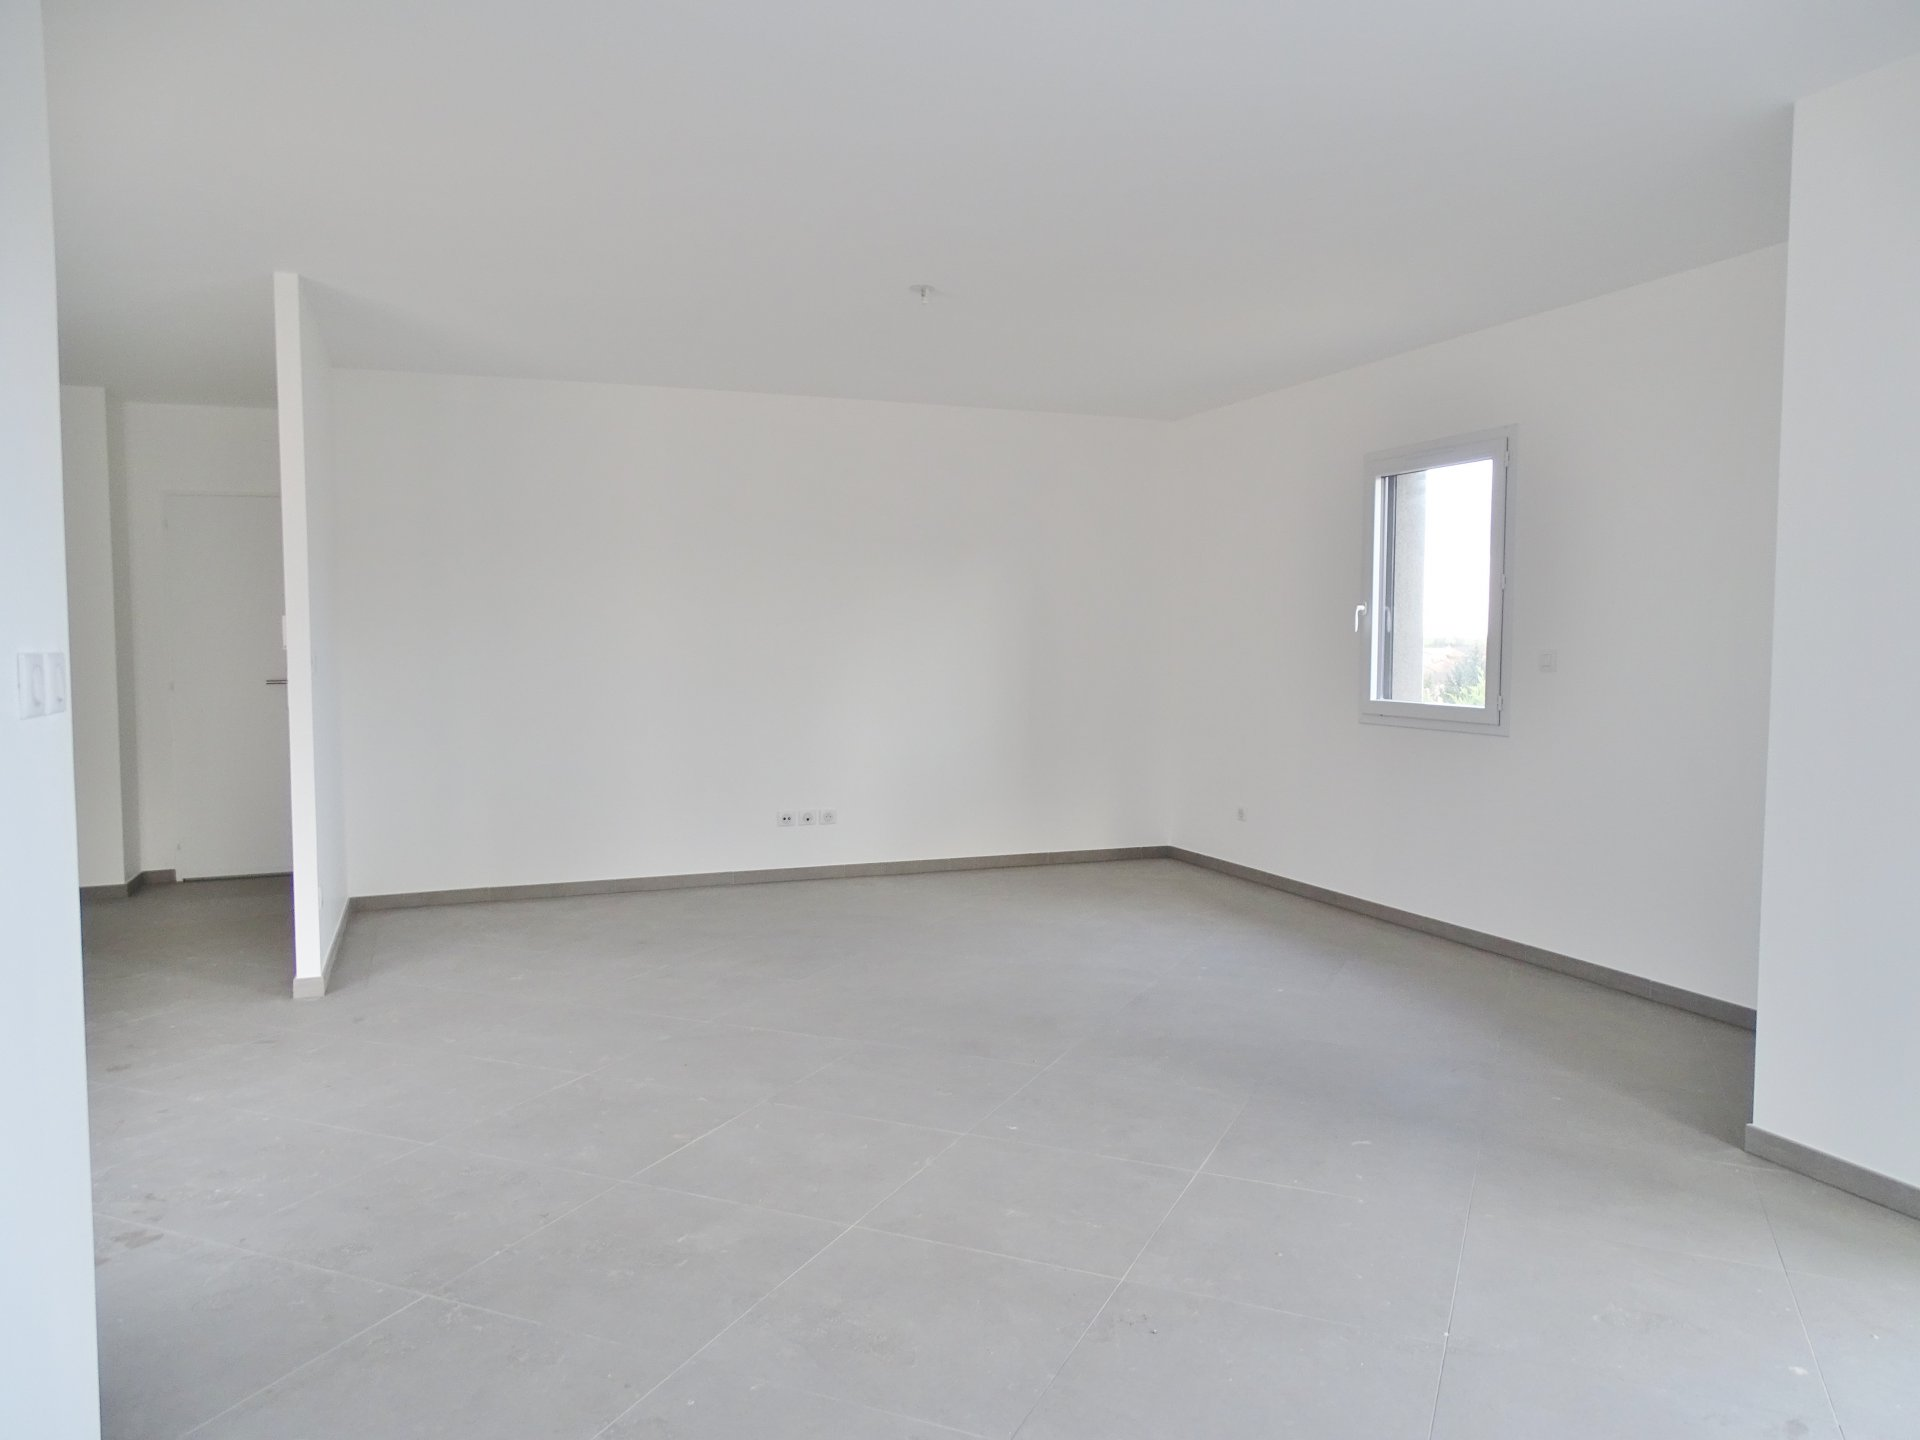 Tout juste achevée en ce début d'année, venez découvrir cette maison neuve entièrement de plain pied et aux prestations sérieuses. Elle offre un hall d'entrée largement ouvert sur la pièce de vie principale de 46 m². Vous apprécierez cette grande baie vitrée donnant sur une terrasse entièrement carrelée, la cuisine reste à aménagée selon vos goûts. 3 chambres (11,2, 12 et 13,6 m²) dont une suite parentale avec une salle de douche et un dressing. Une Salle de bains pour les enfants et une buanderie. Garage attenant. Chauffage au sol par pompe à chaleur, carrelage de qualité, maison extrêmement bien isolée et répondant aux normes de la RT 2012. Honoraires à la charge des vendeurs.